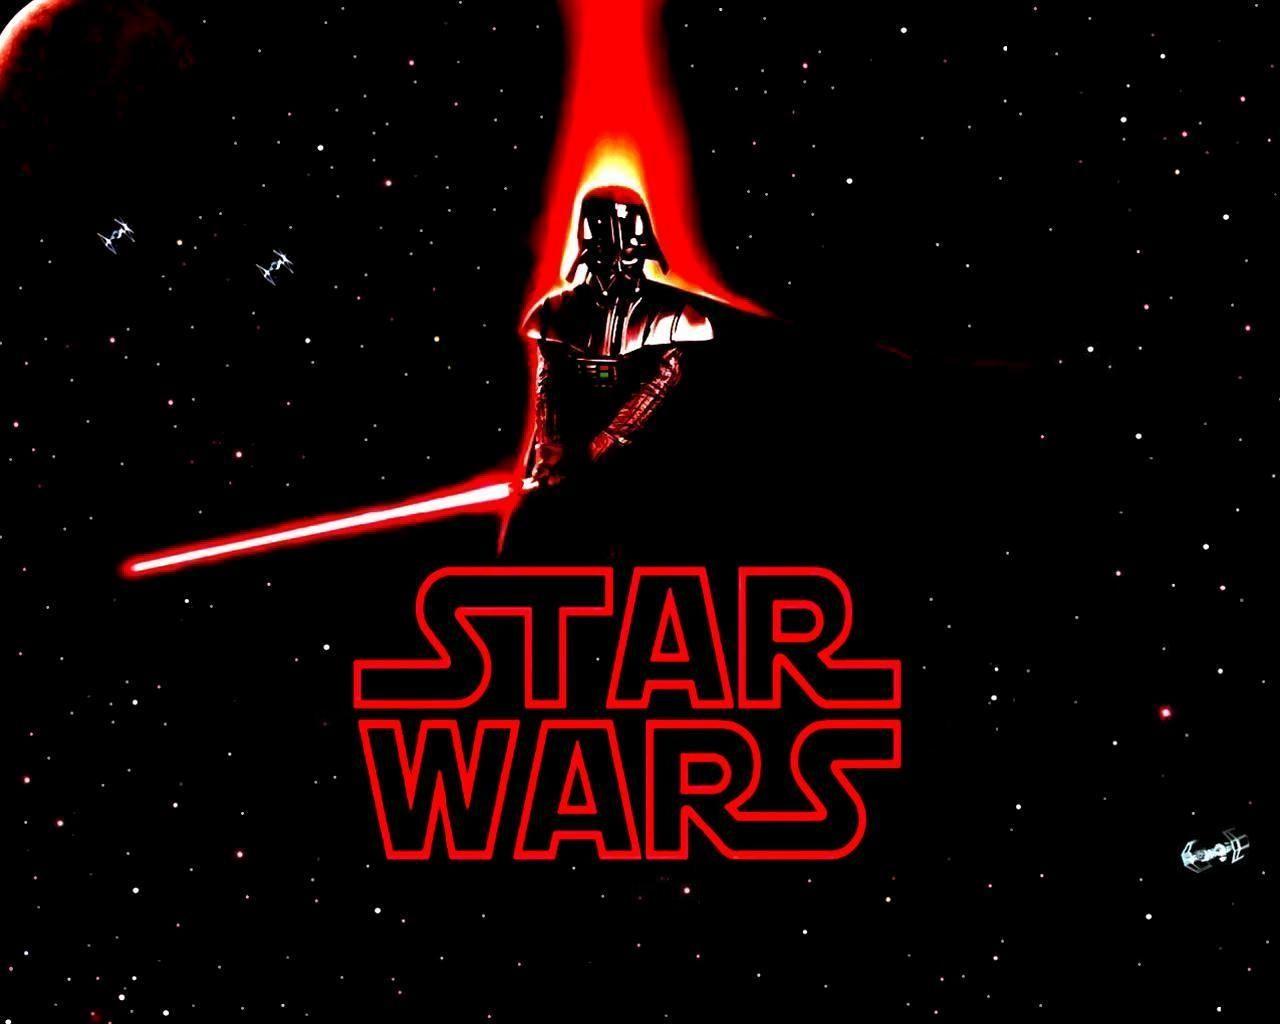 Star wars wallpaper star wars hd wallpaper star wars pinterest star wars wallpaper star wars hd wallpaper voltagebd Images